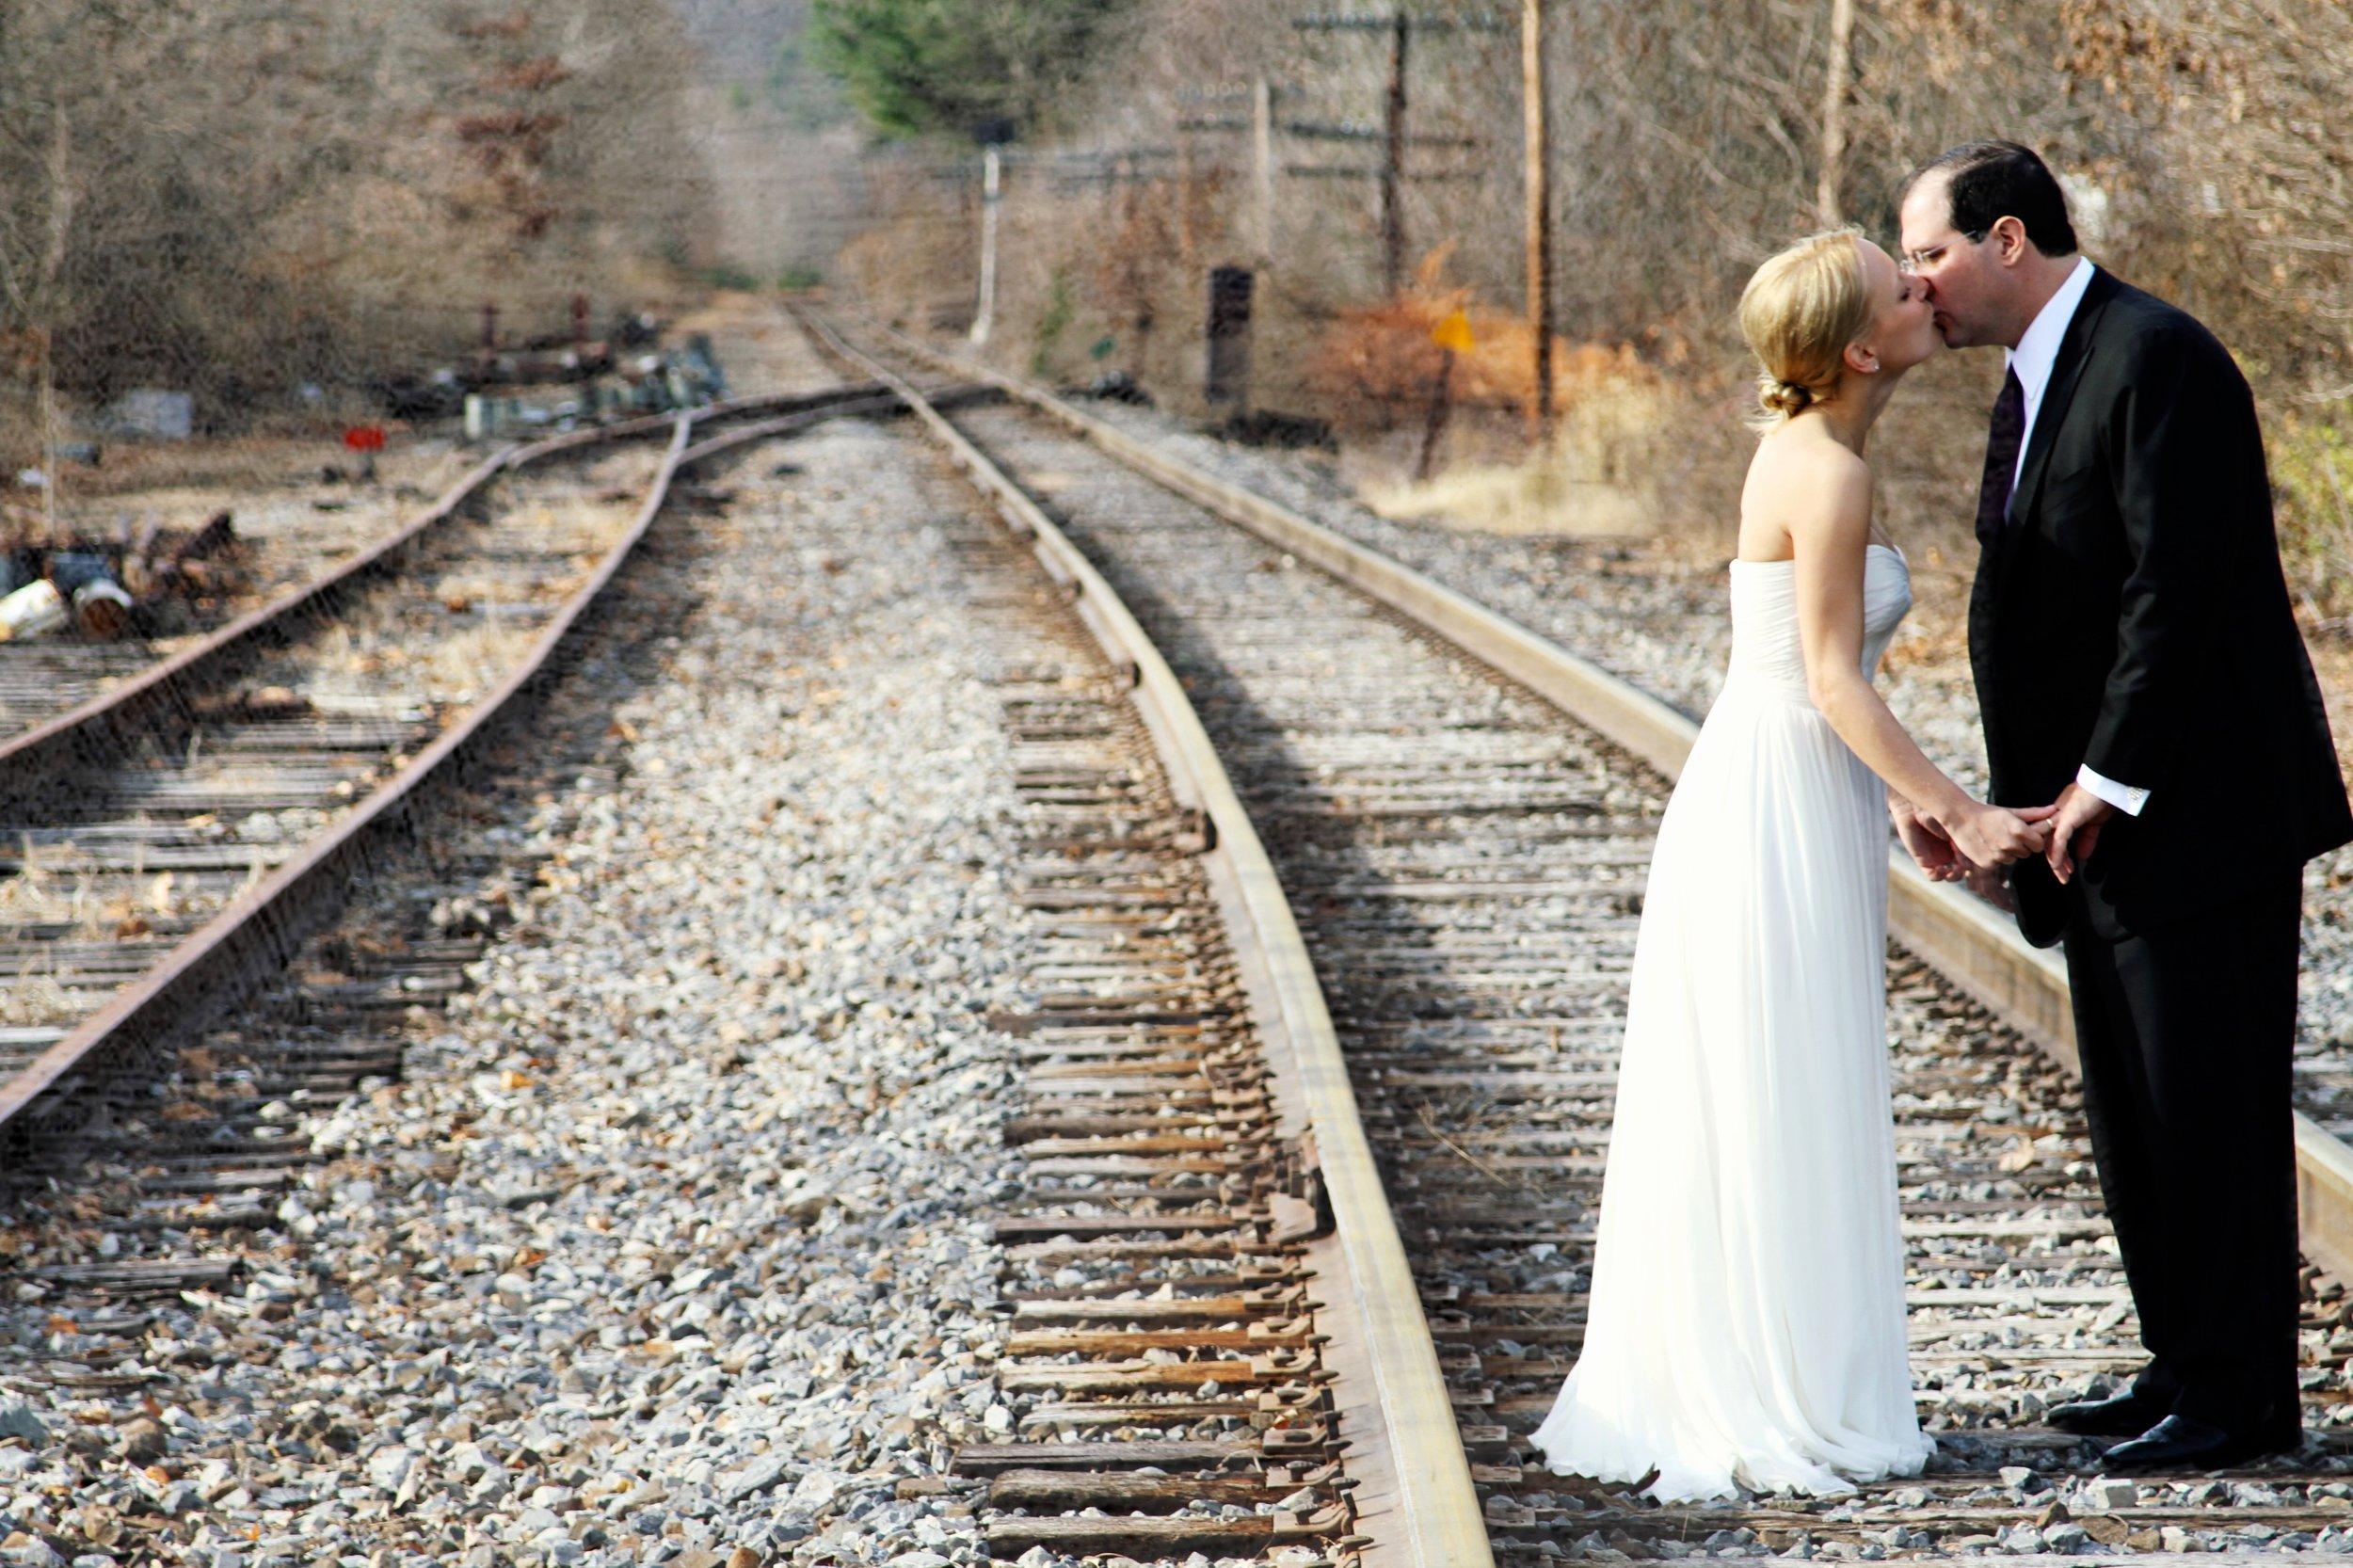 weddings - 06.jpg